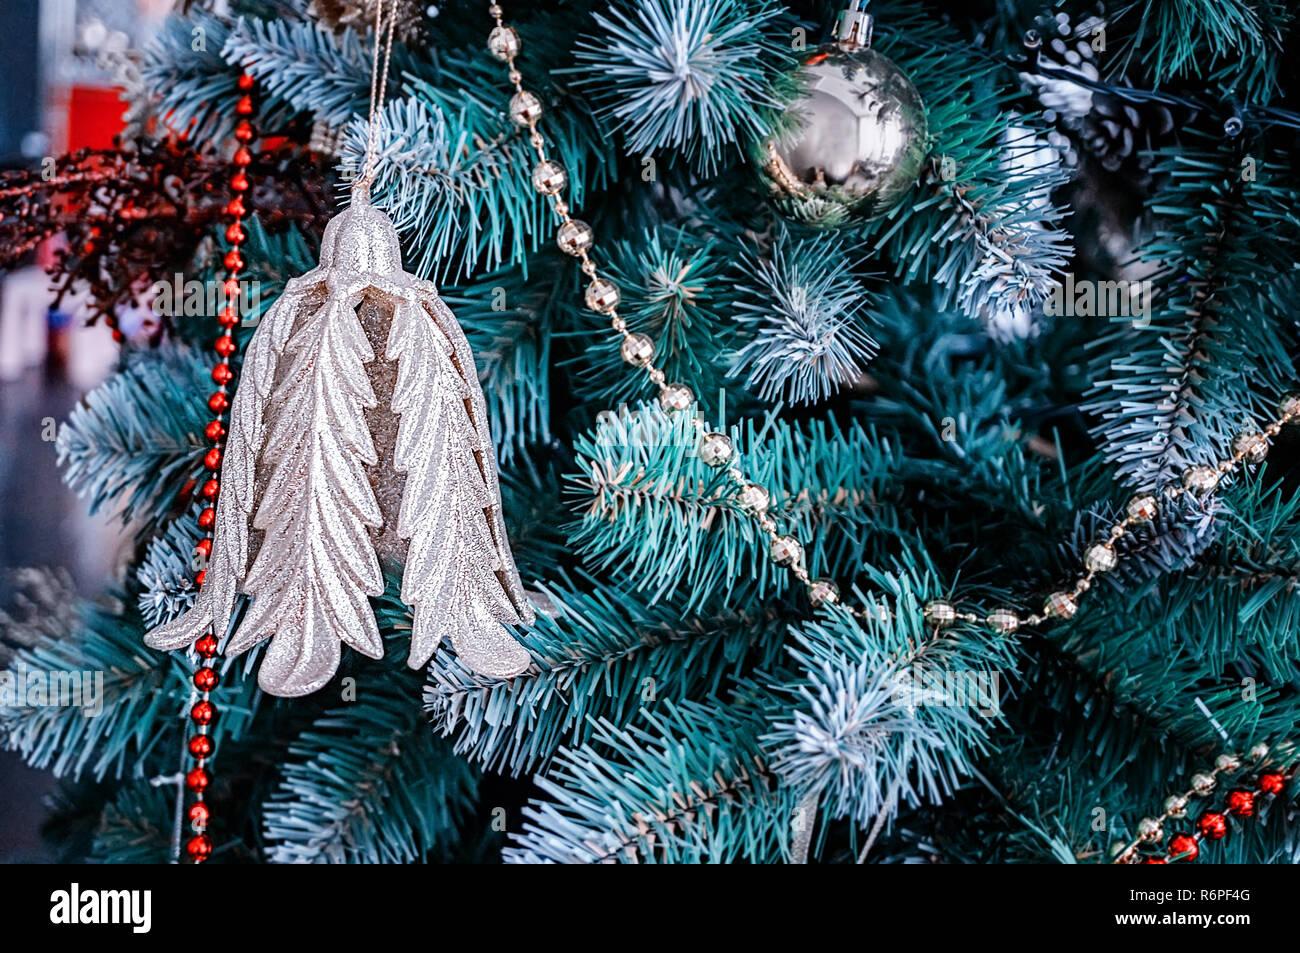 Foto Bellissime Di Alberi Di Natale.Bellissime Decorazioni Di Natale Appeso A Un Albero Di